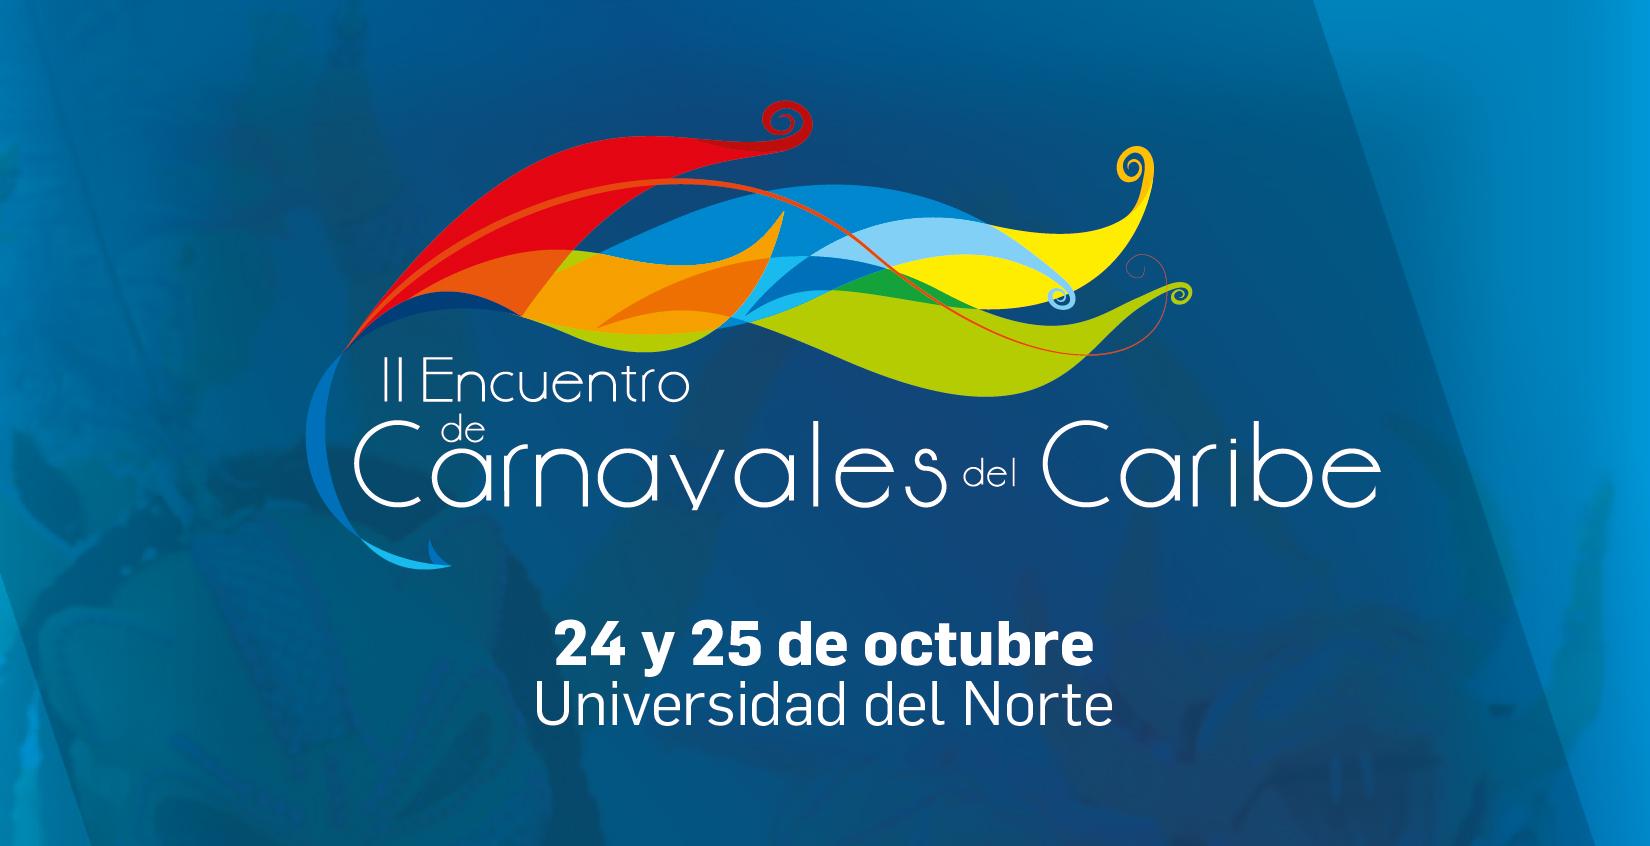 Las fiestas del Caribe vuelven a reunirse en Barranquilla